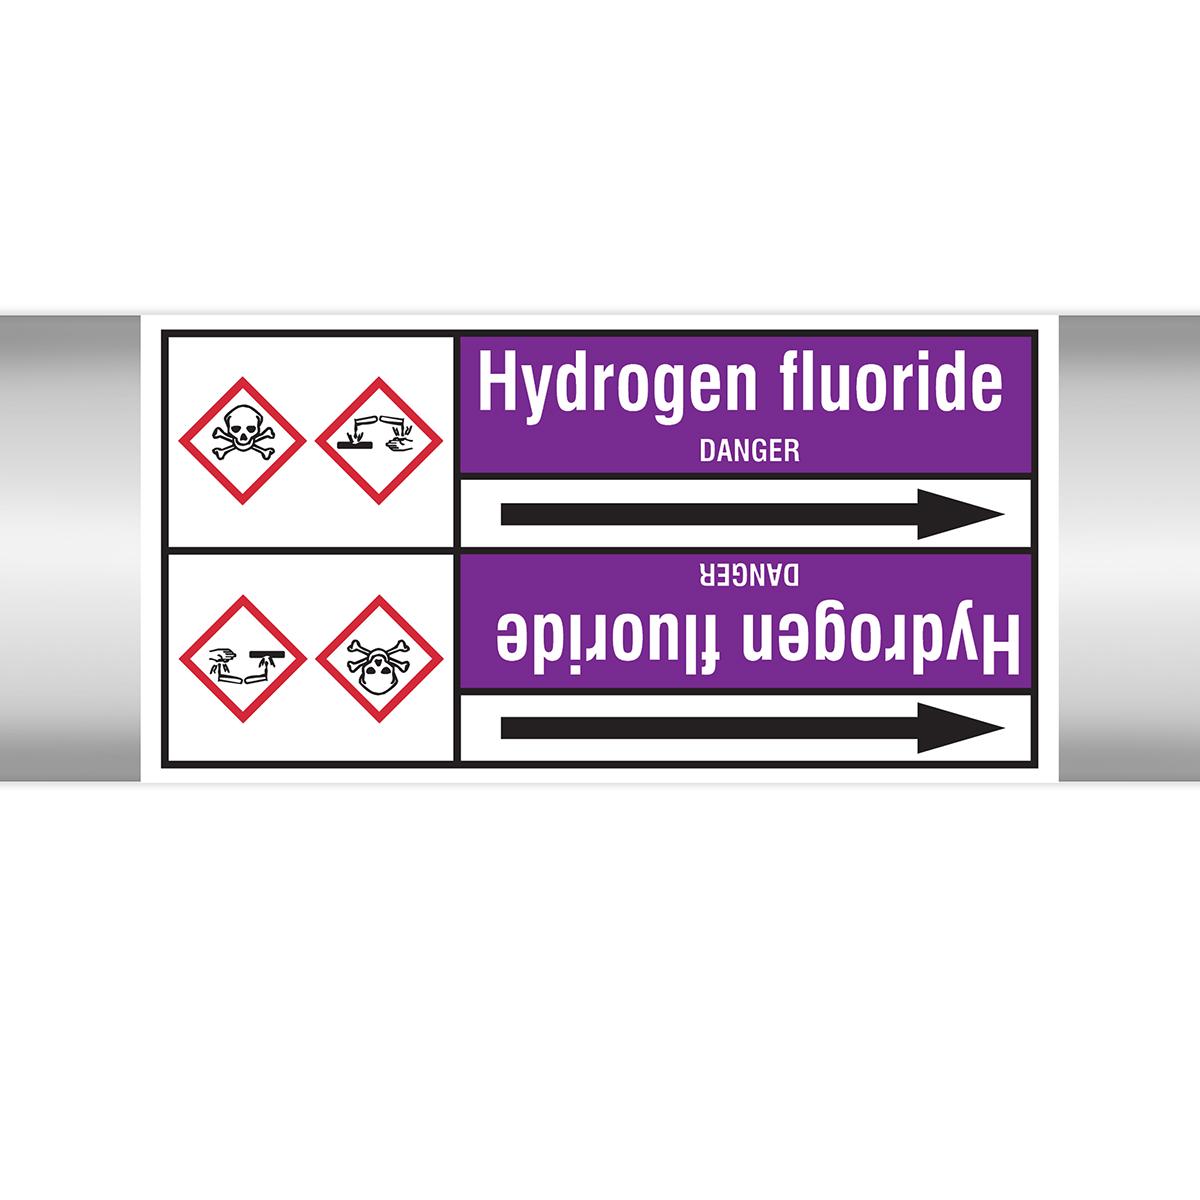 Roll Form Type 2 - Hydrogen Fluoride